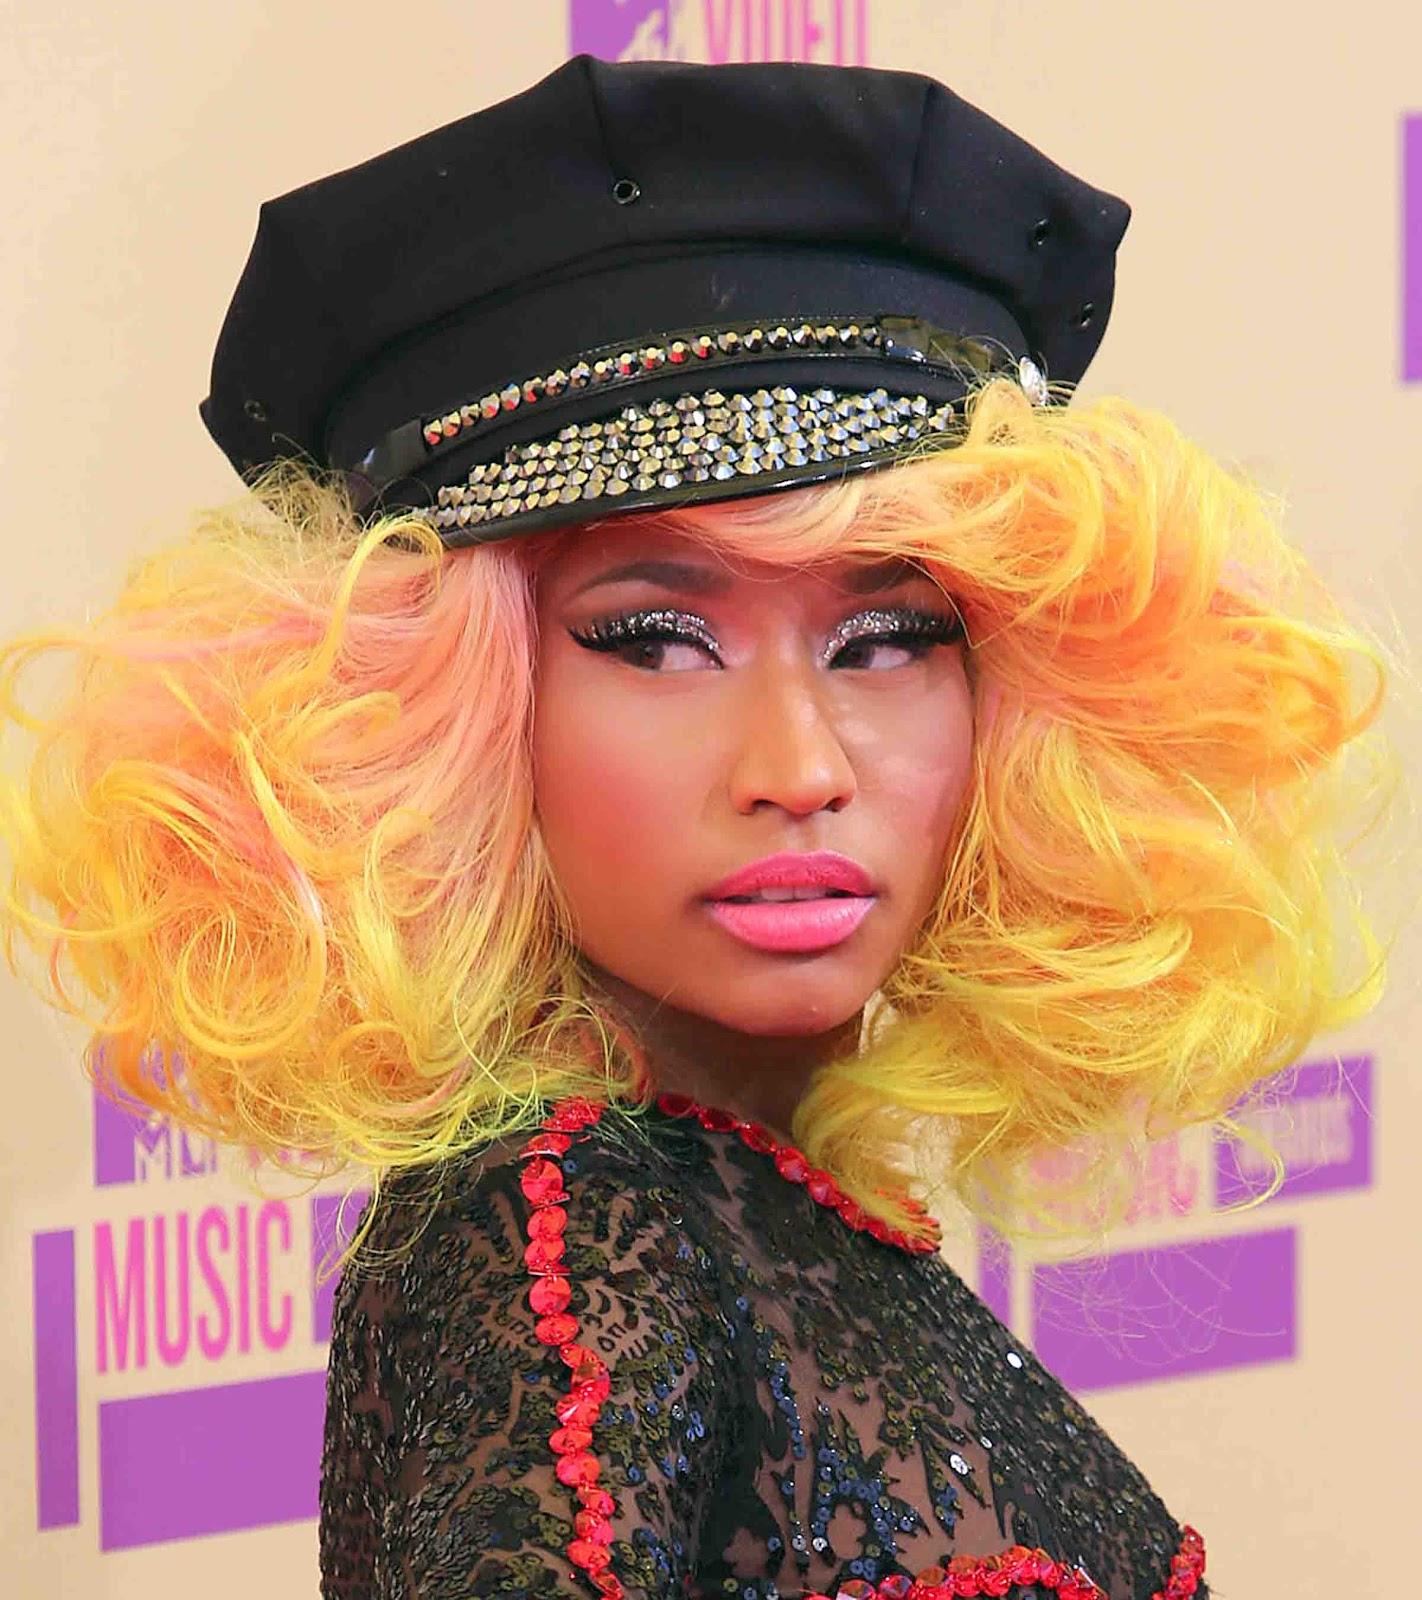 http://3.bp.blogspot.com/-h13D4oxgV0A/UElc9DD8PHI/AAAAAAACg1k/6E5whEiWqK8/s1600/Nicki+Minaj.jpg